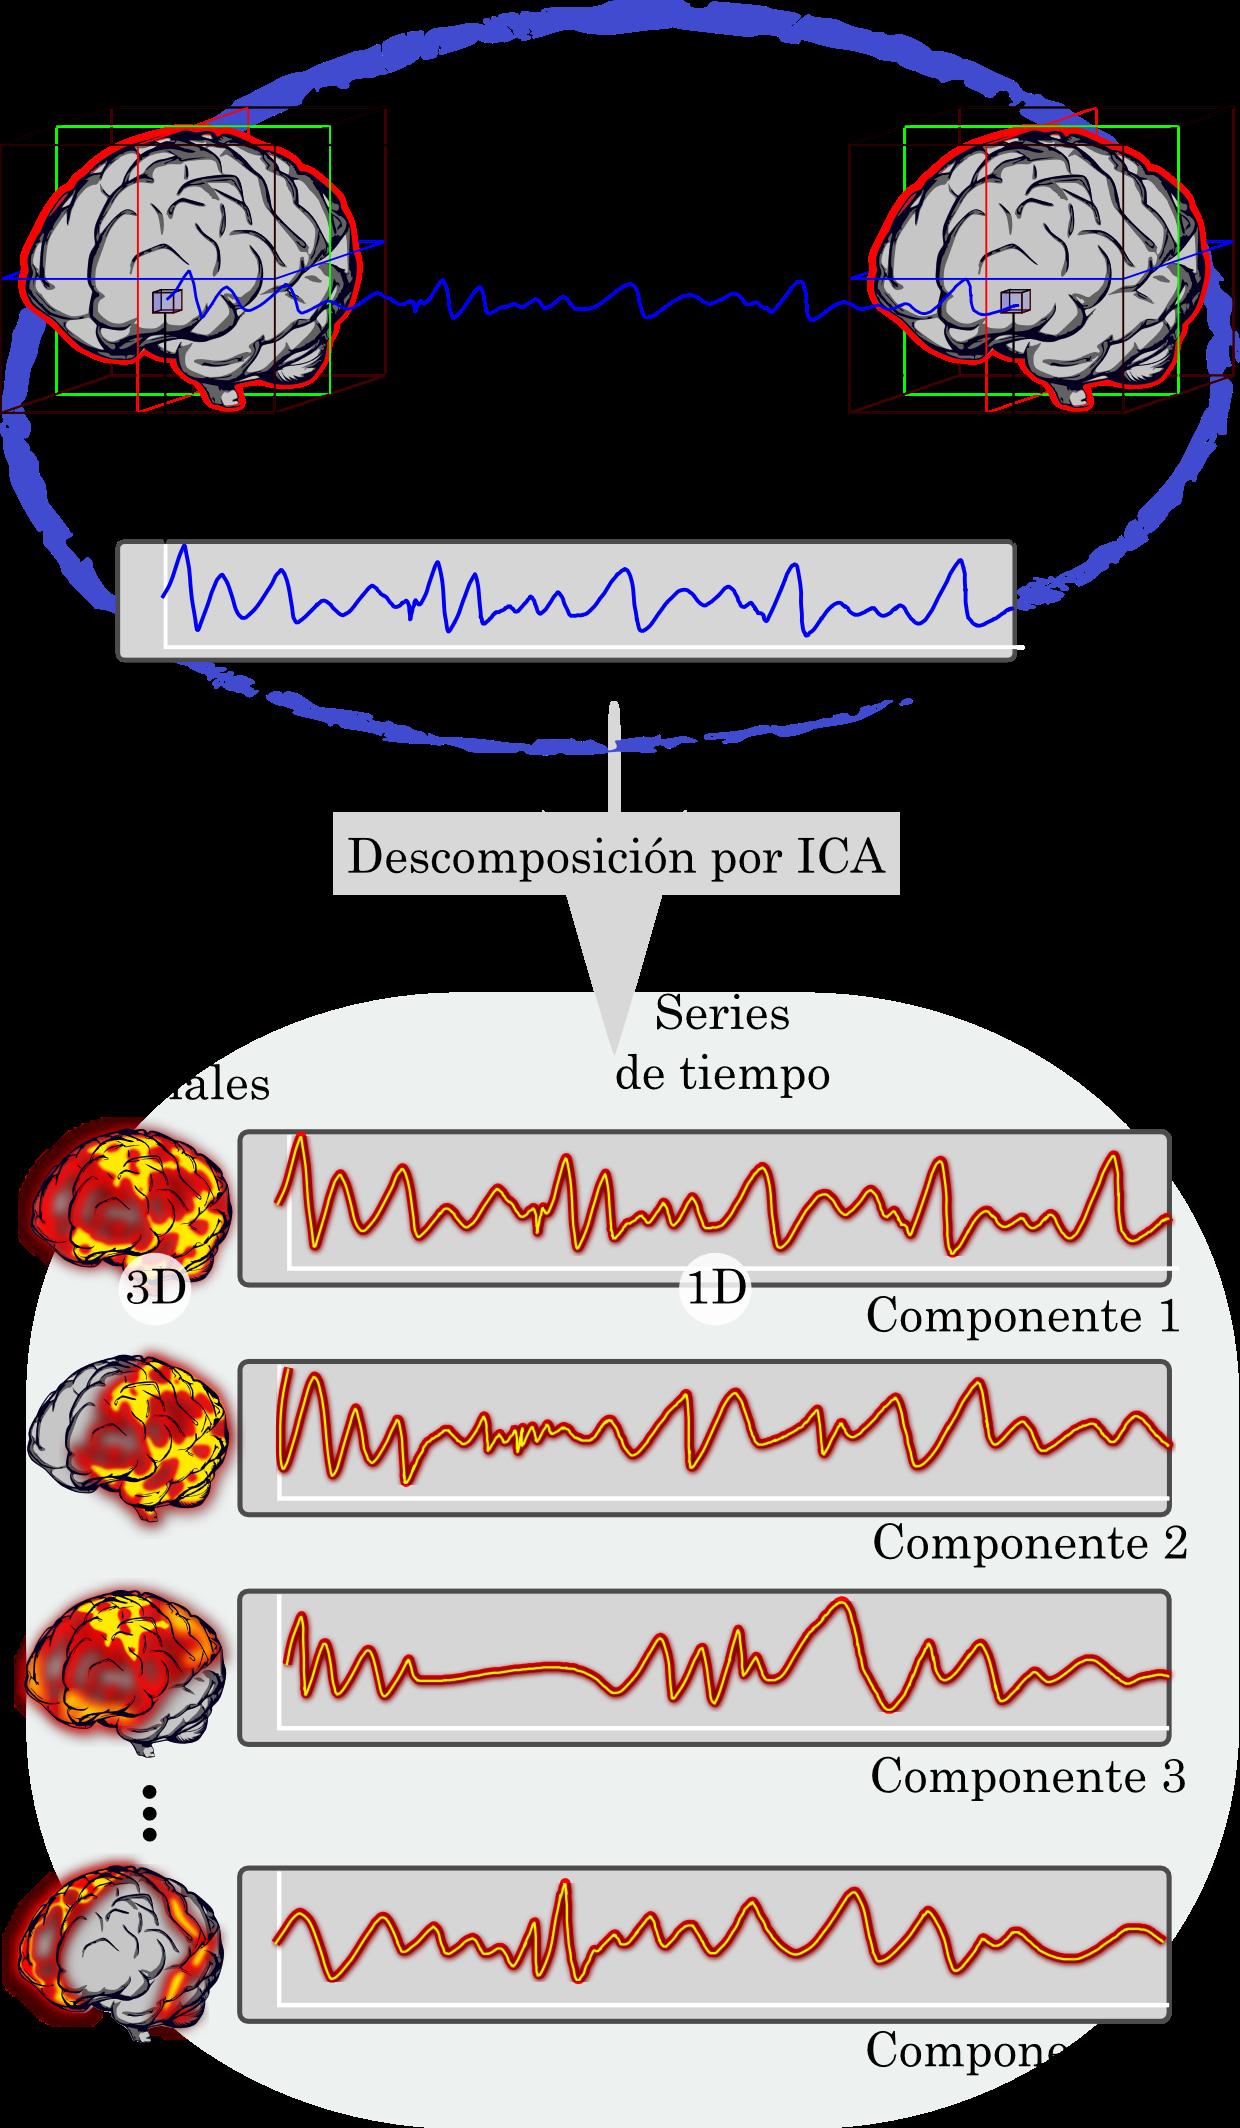 Representación de la descomposición por ICA en las componentes independientes de fMRI